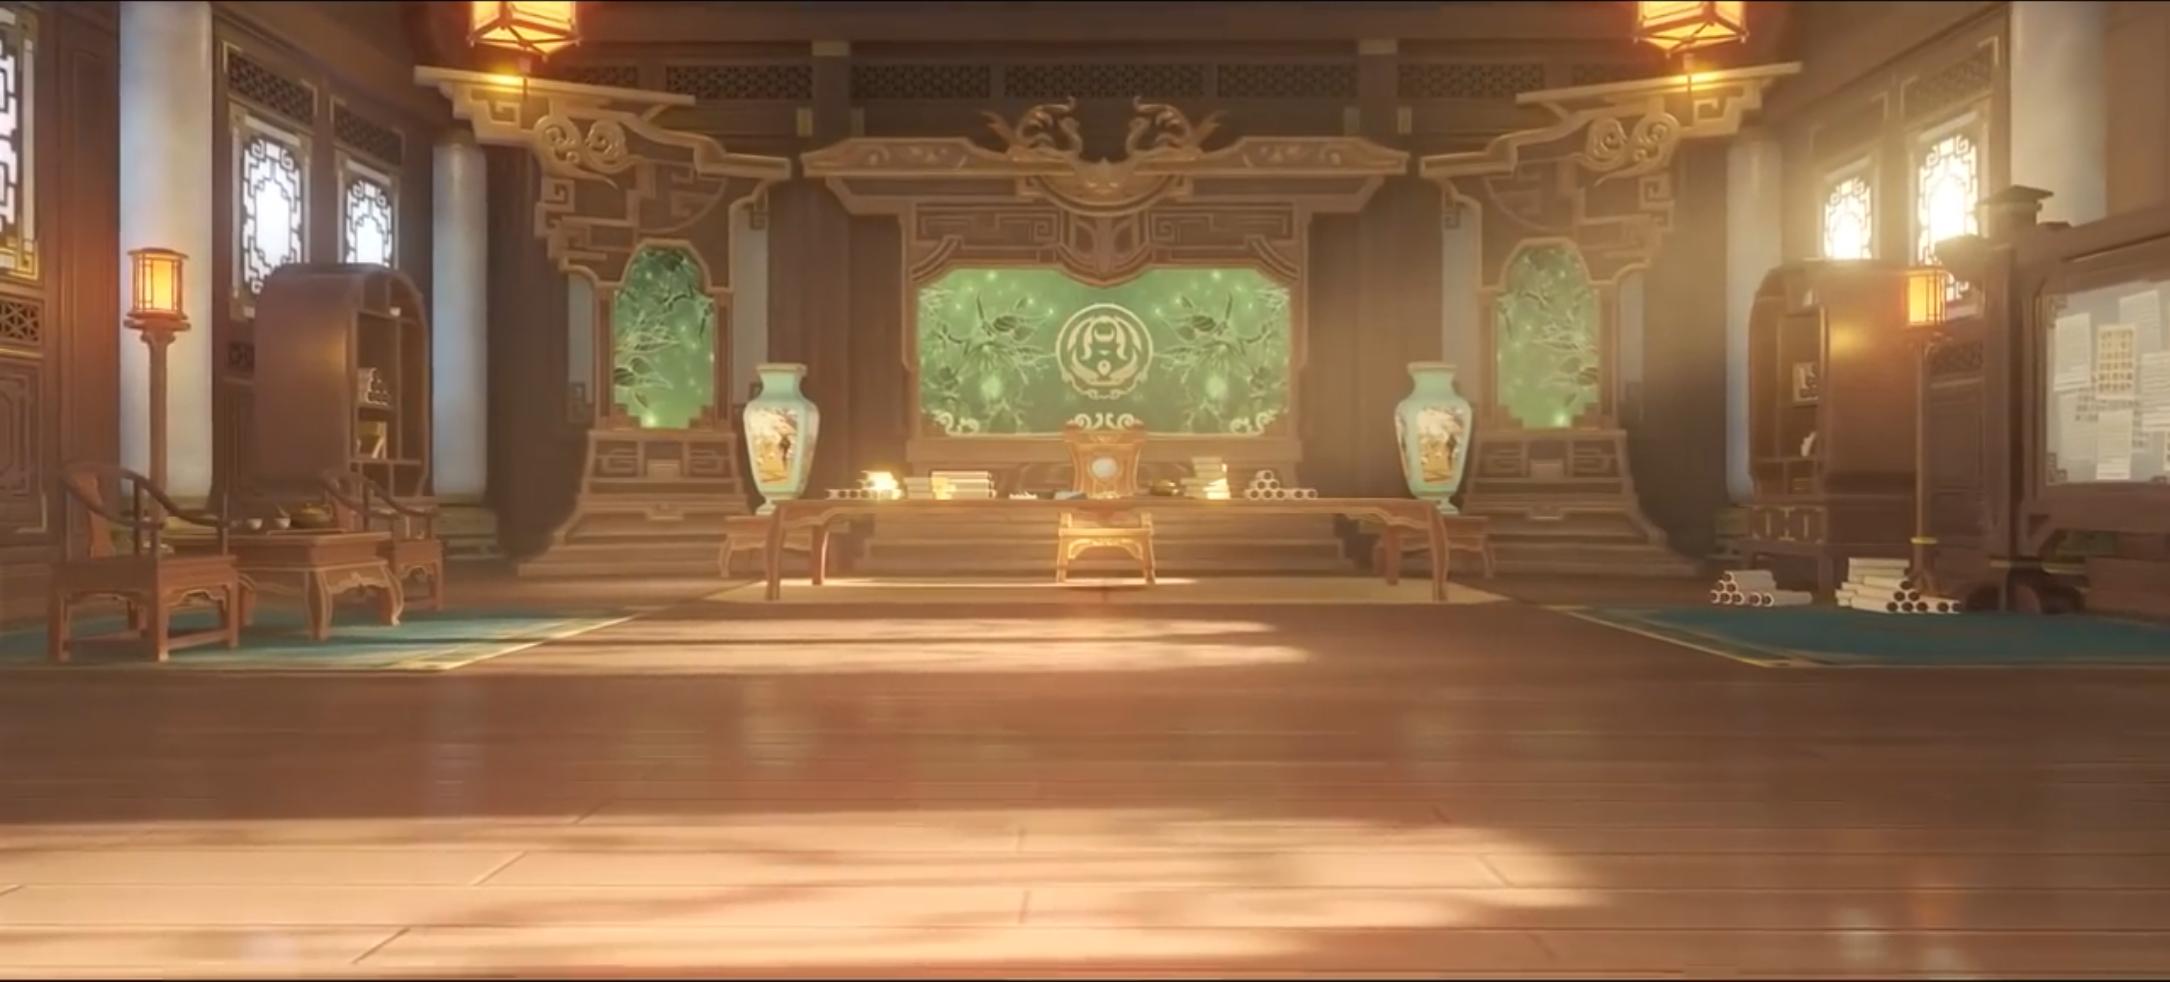 凝光の技「璇璣屏 」の様な室内のオブジェクト